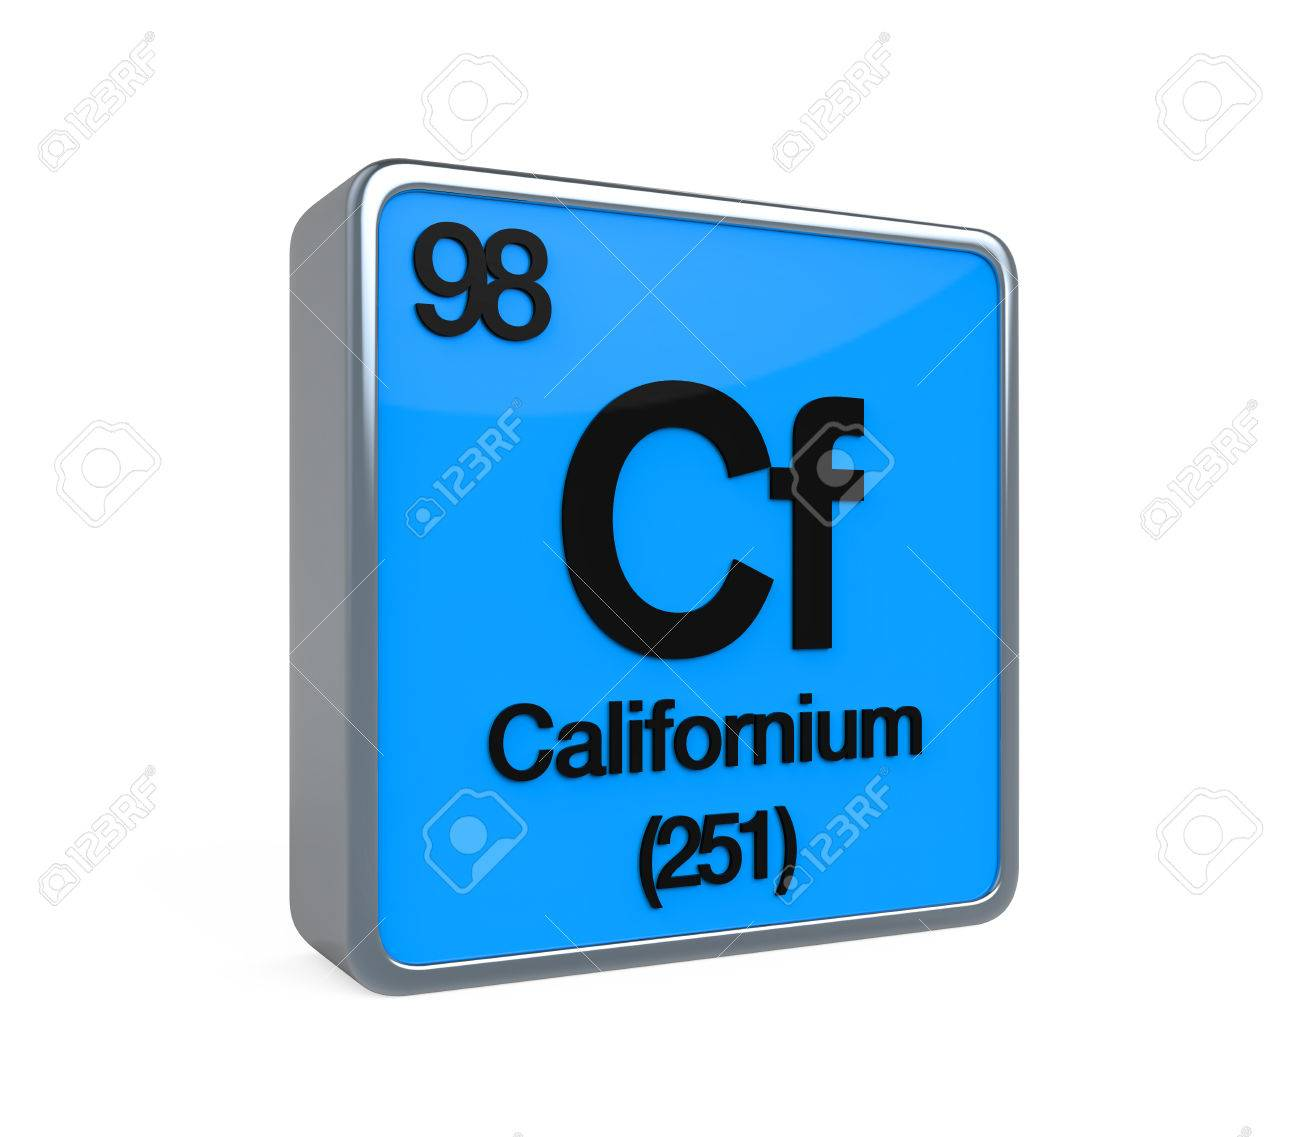 Californium element periodic table stock photo picture and californium element periodic table stock photo 33020139 gamestrikefo Images